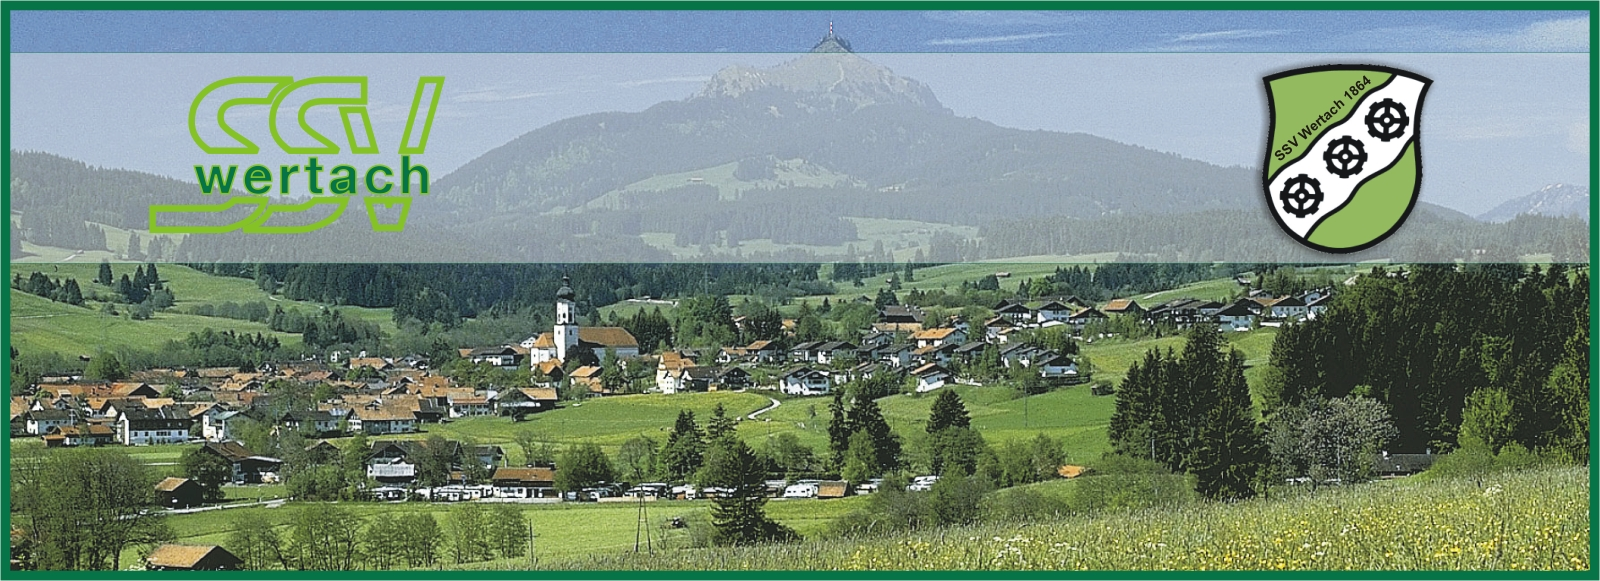 SSV-Wertach